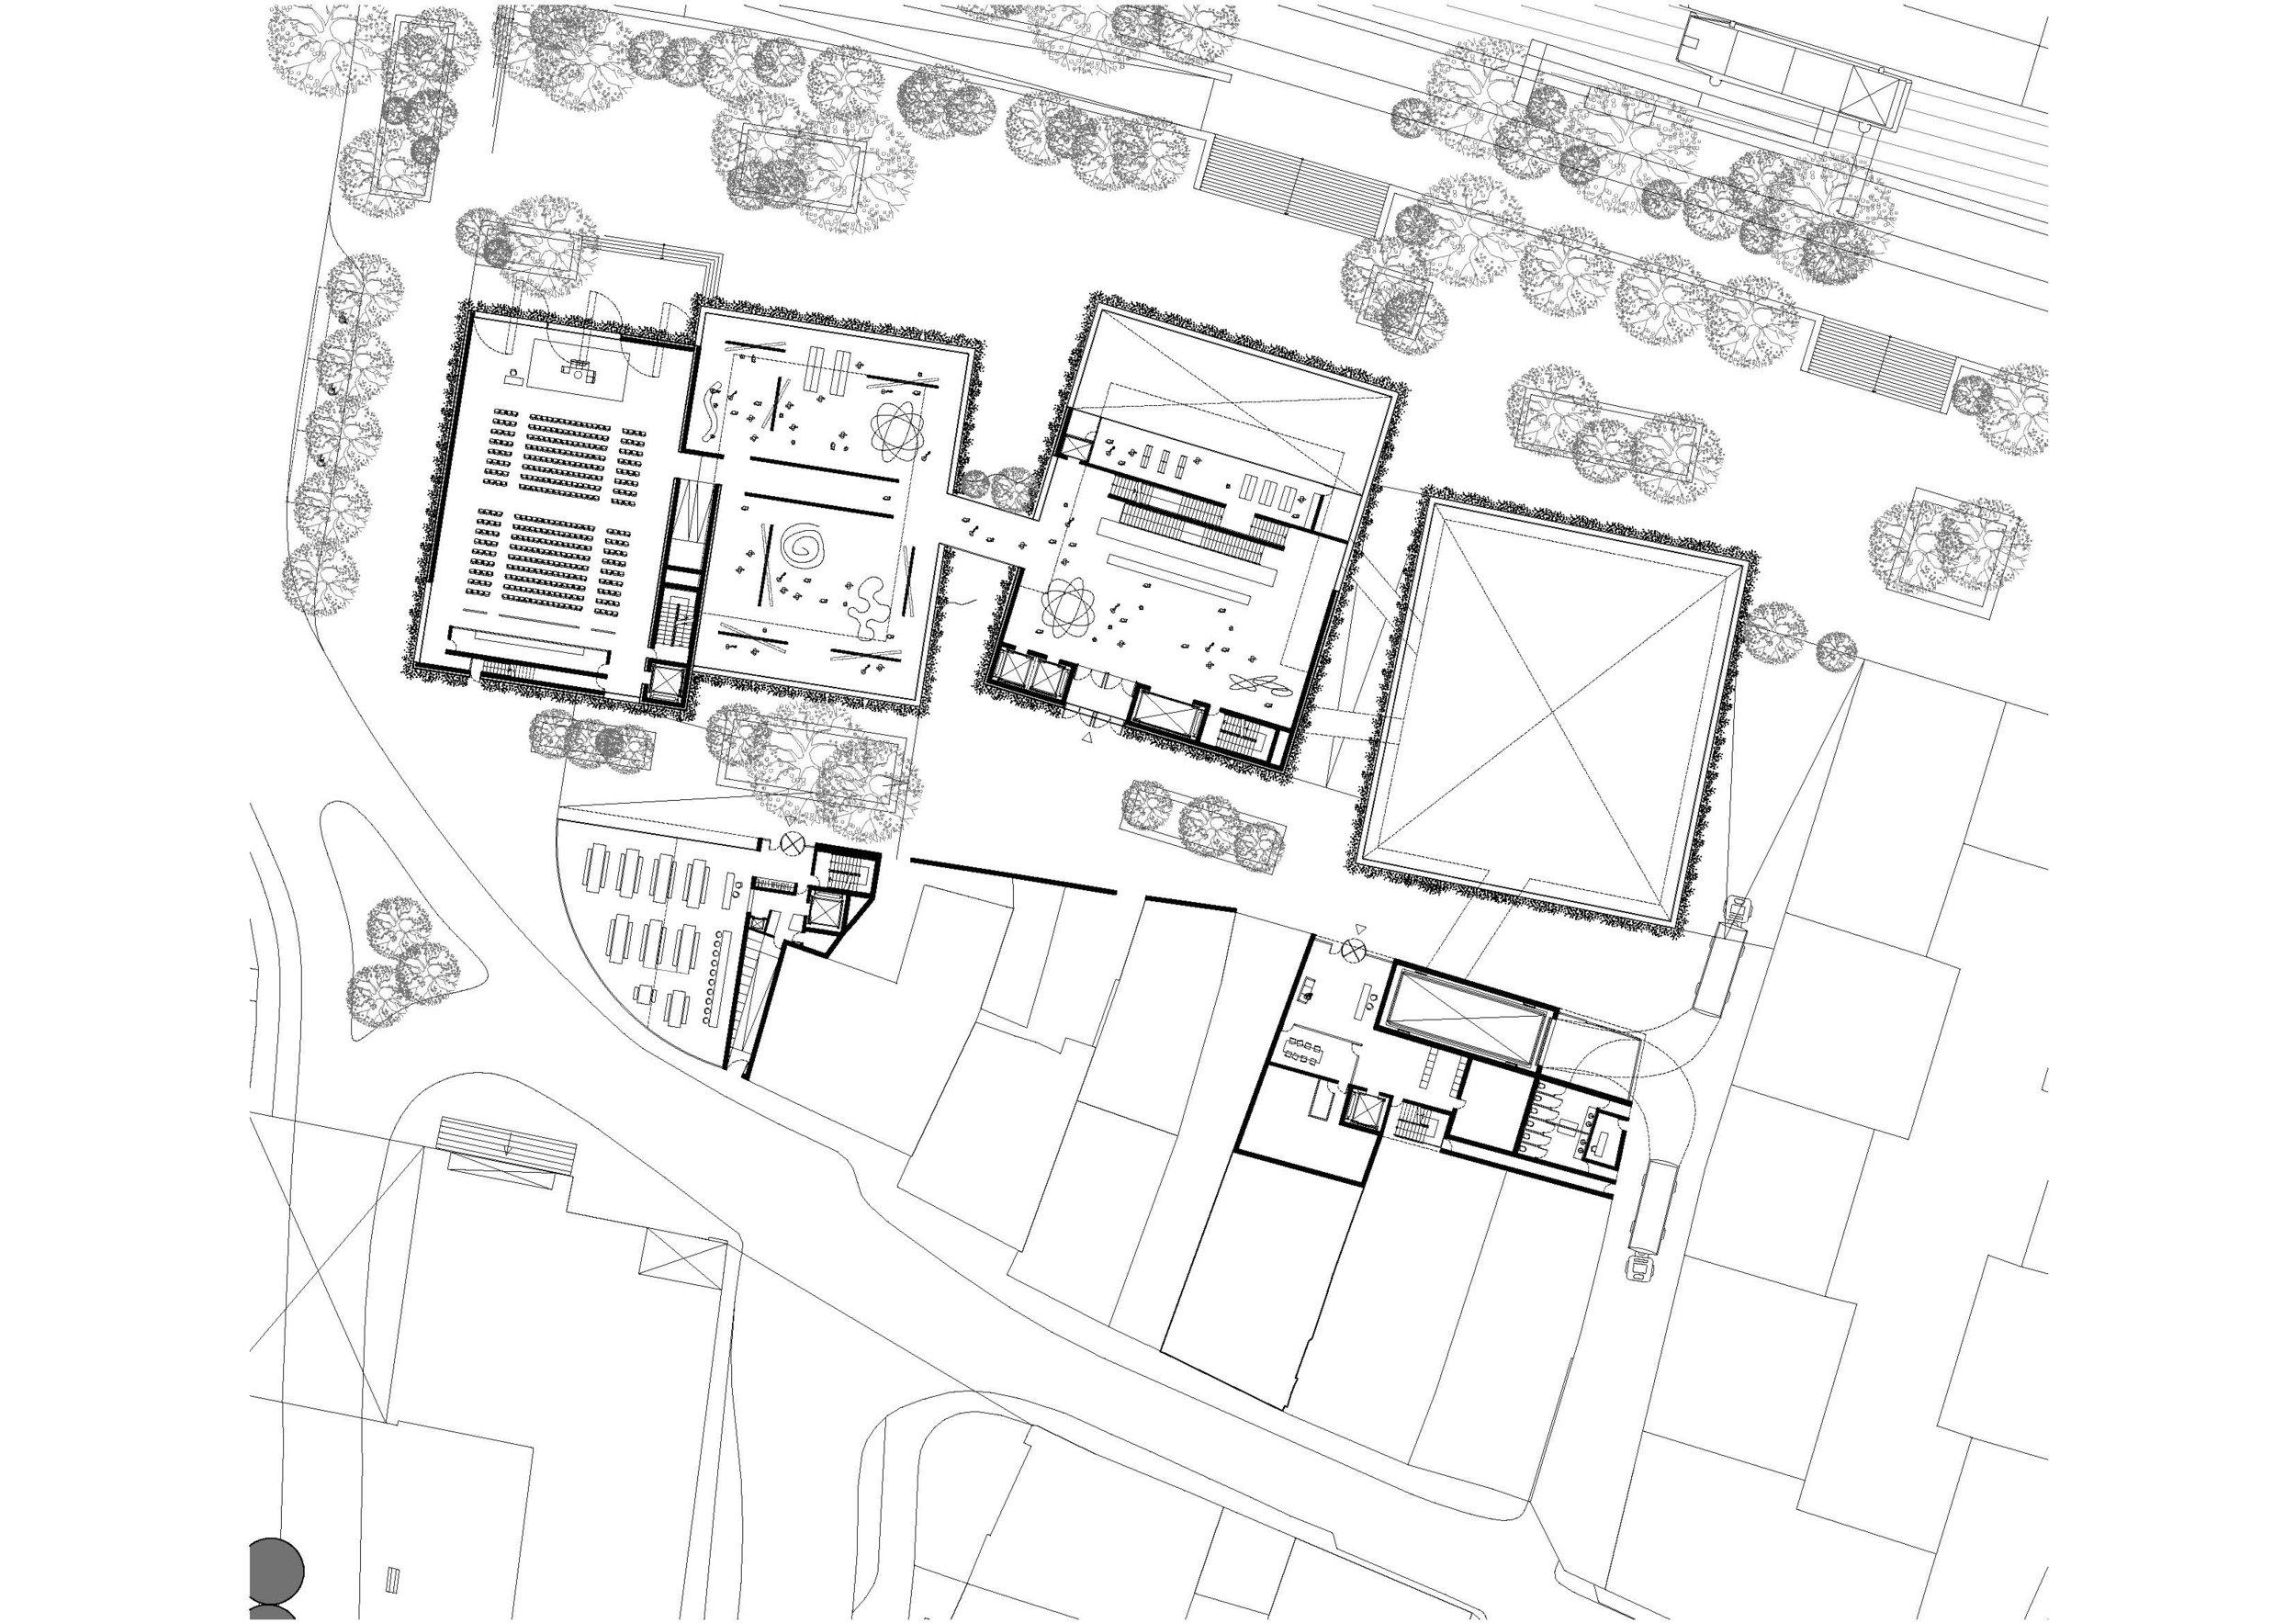 MDBG-groundfloor plan+furniture+people.jpg